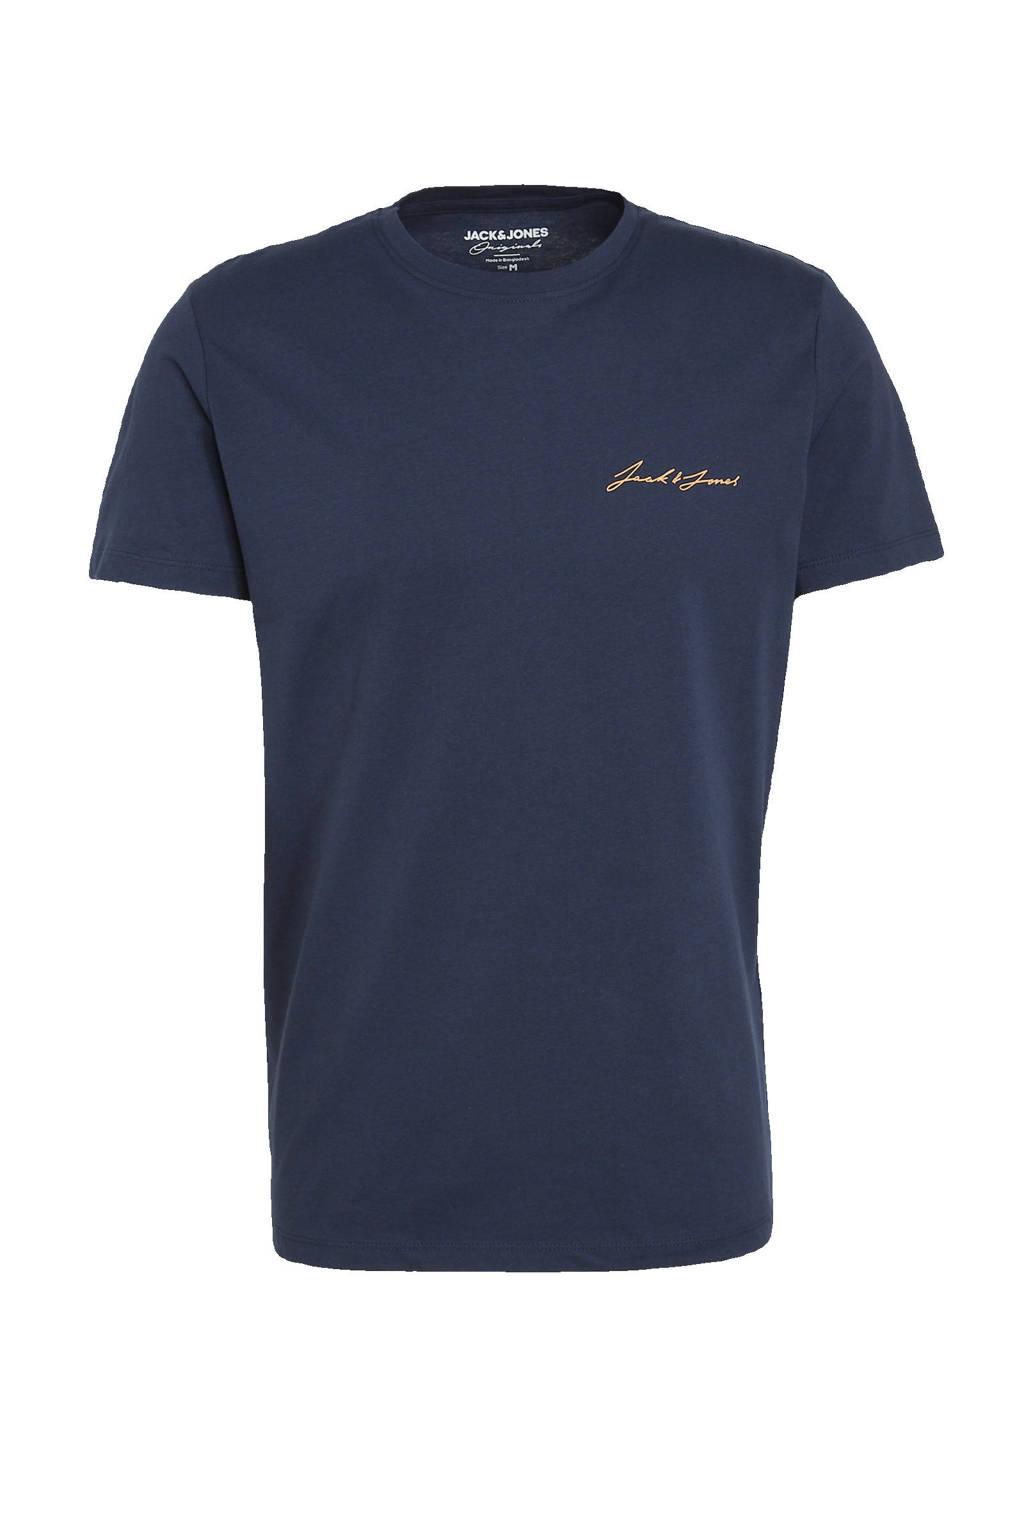 JACK & JONES ORIGINALS T-shirt donkerblauw, Donkerblauw